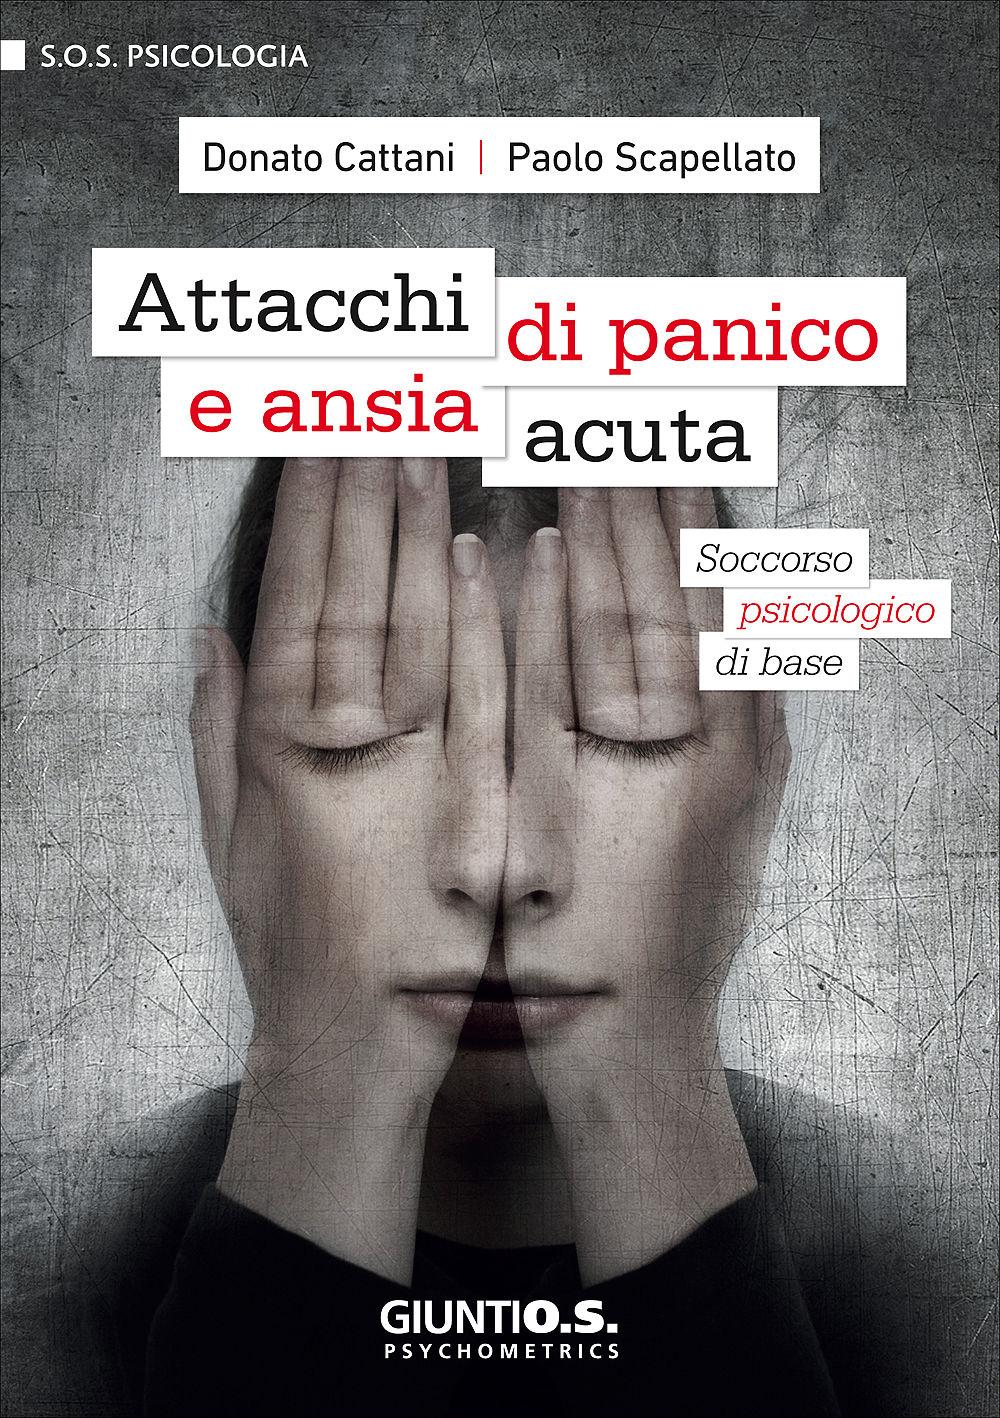 Attacchi di panico e ansia acuta